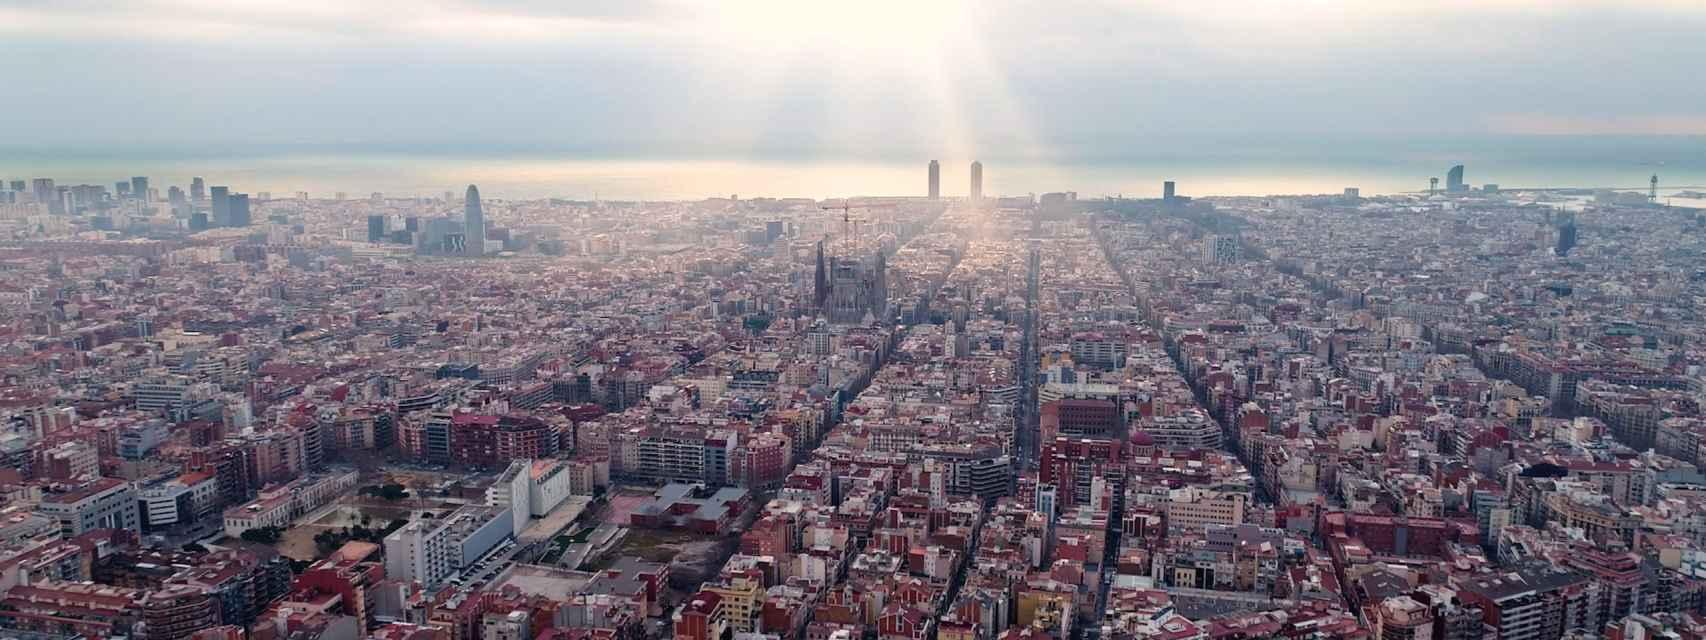 Mejorar la movilidad urbana: la gran aspiración de esta mesa de debate creada por Cabify.